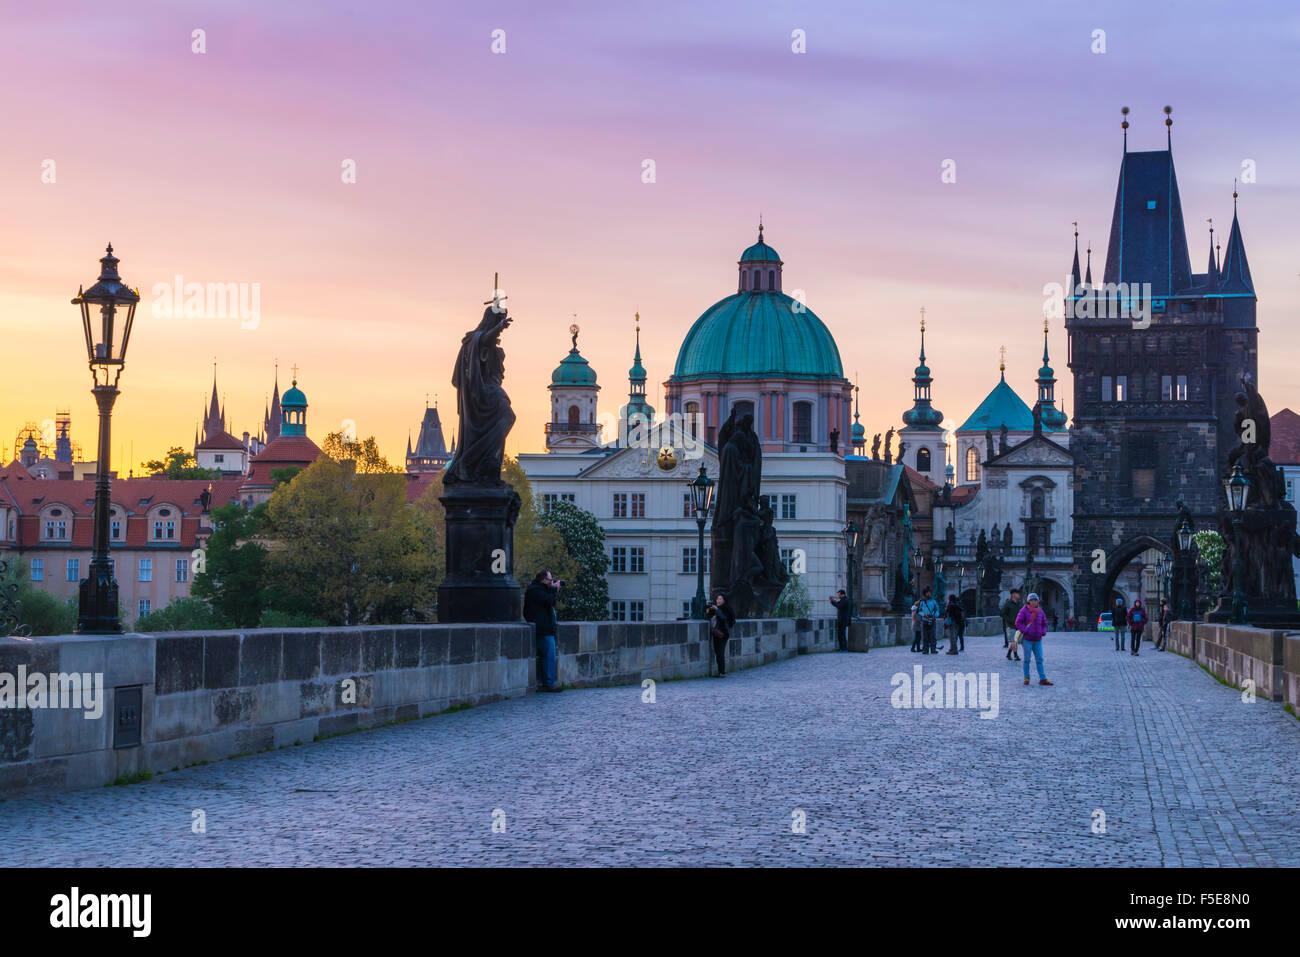 Amanecer en el Puente de Carlos, Sitio del Patrimonio Mundial de la UNESCO, Praga, República Checa, Europa Imagen De Stock